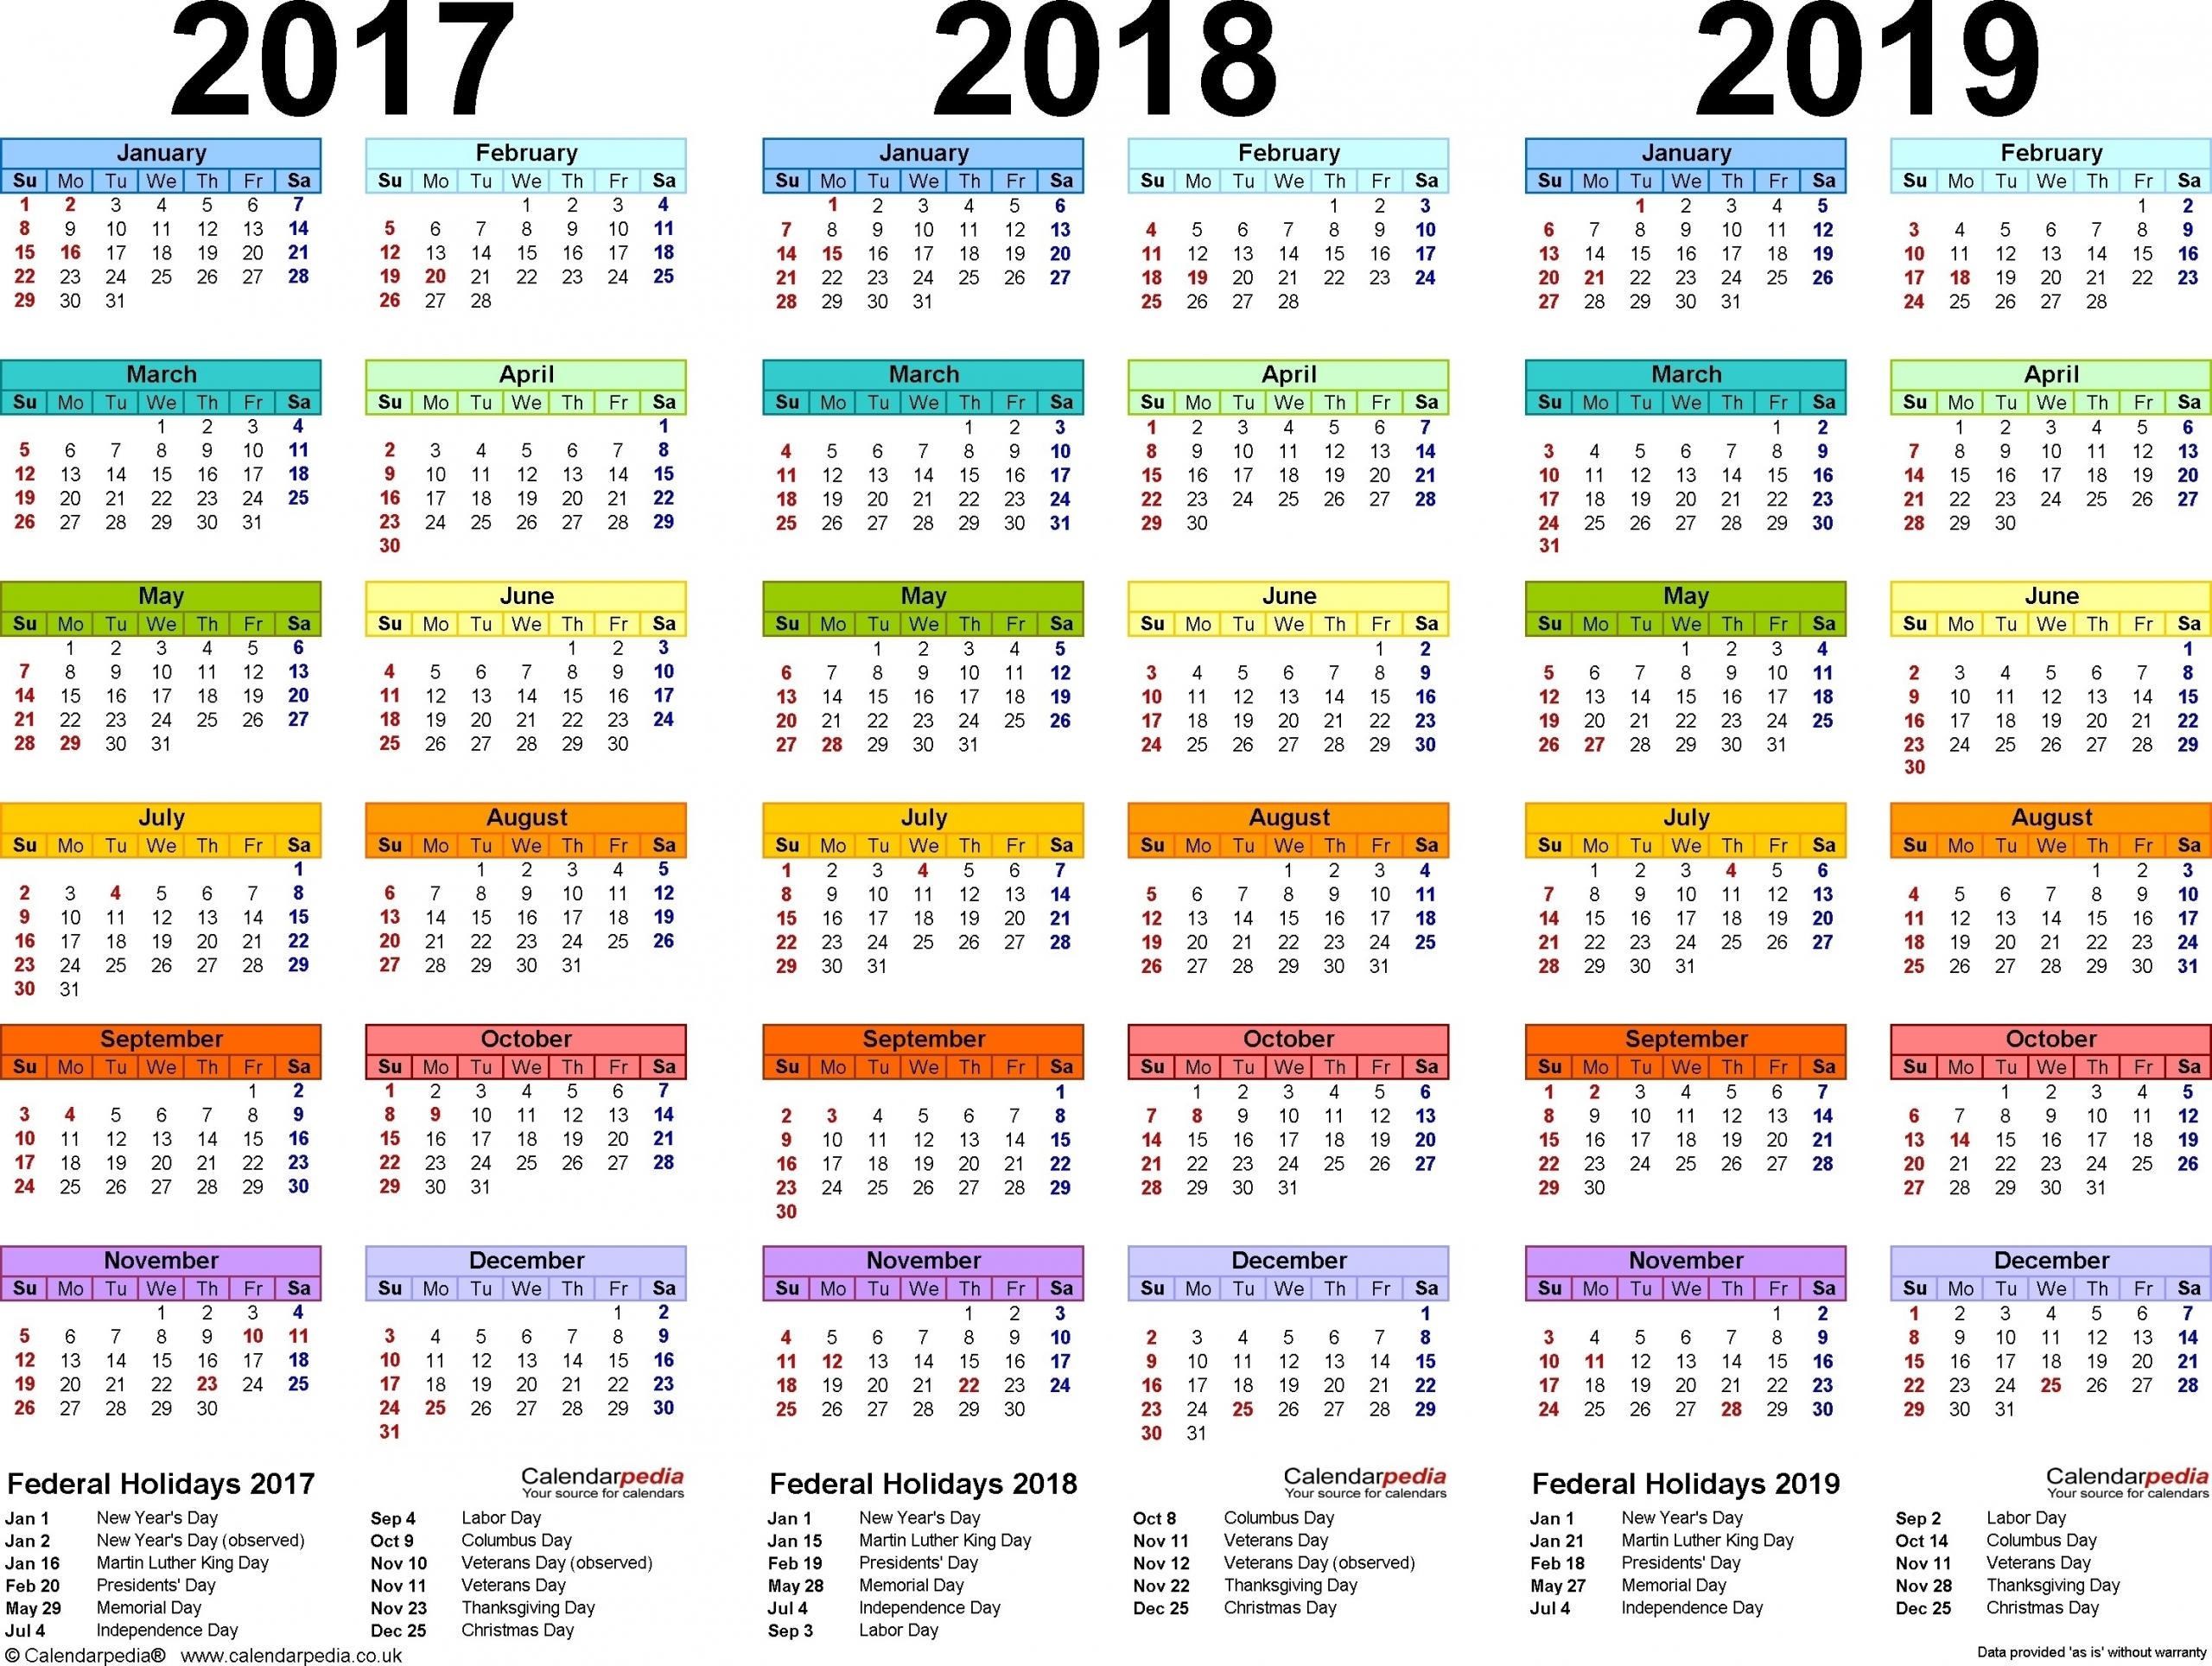 Depo Calendar Chart - The Future in Depo Perpetual Calndar 2019 2020